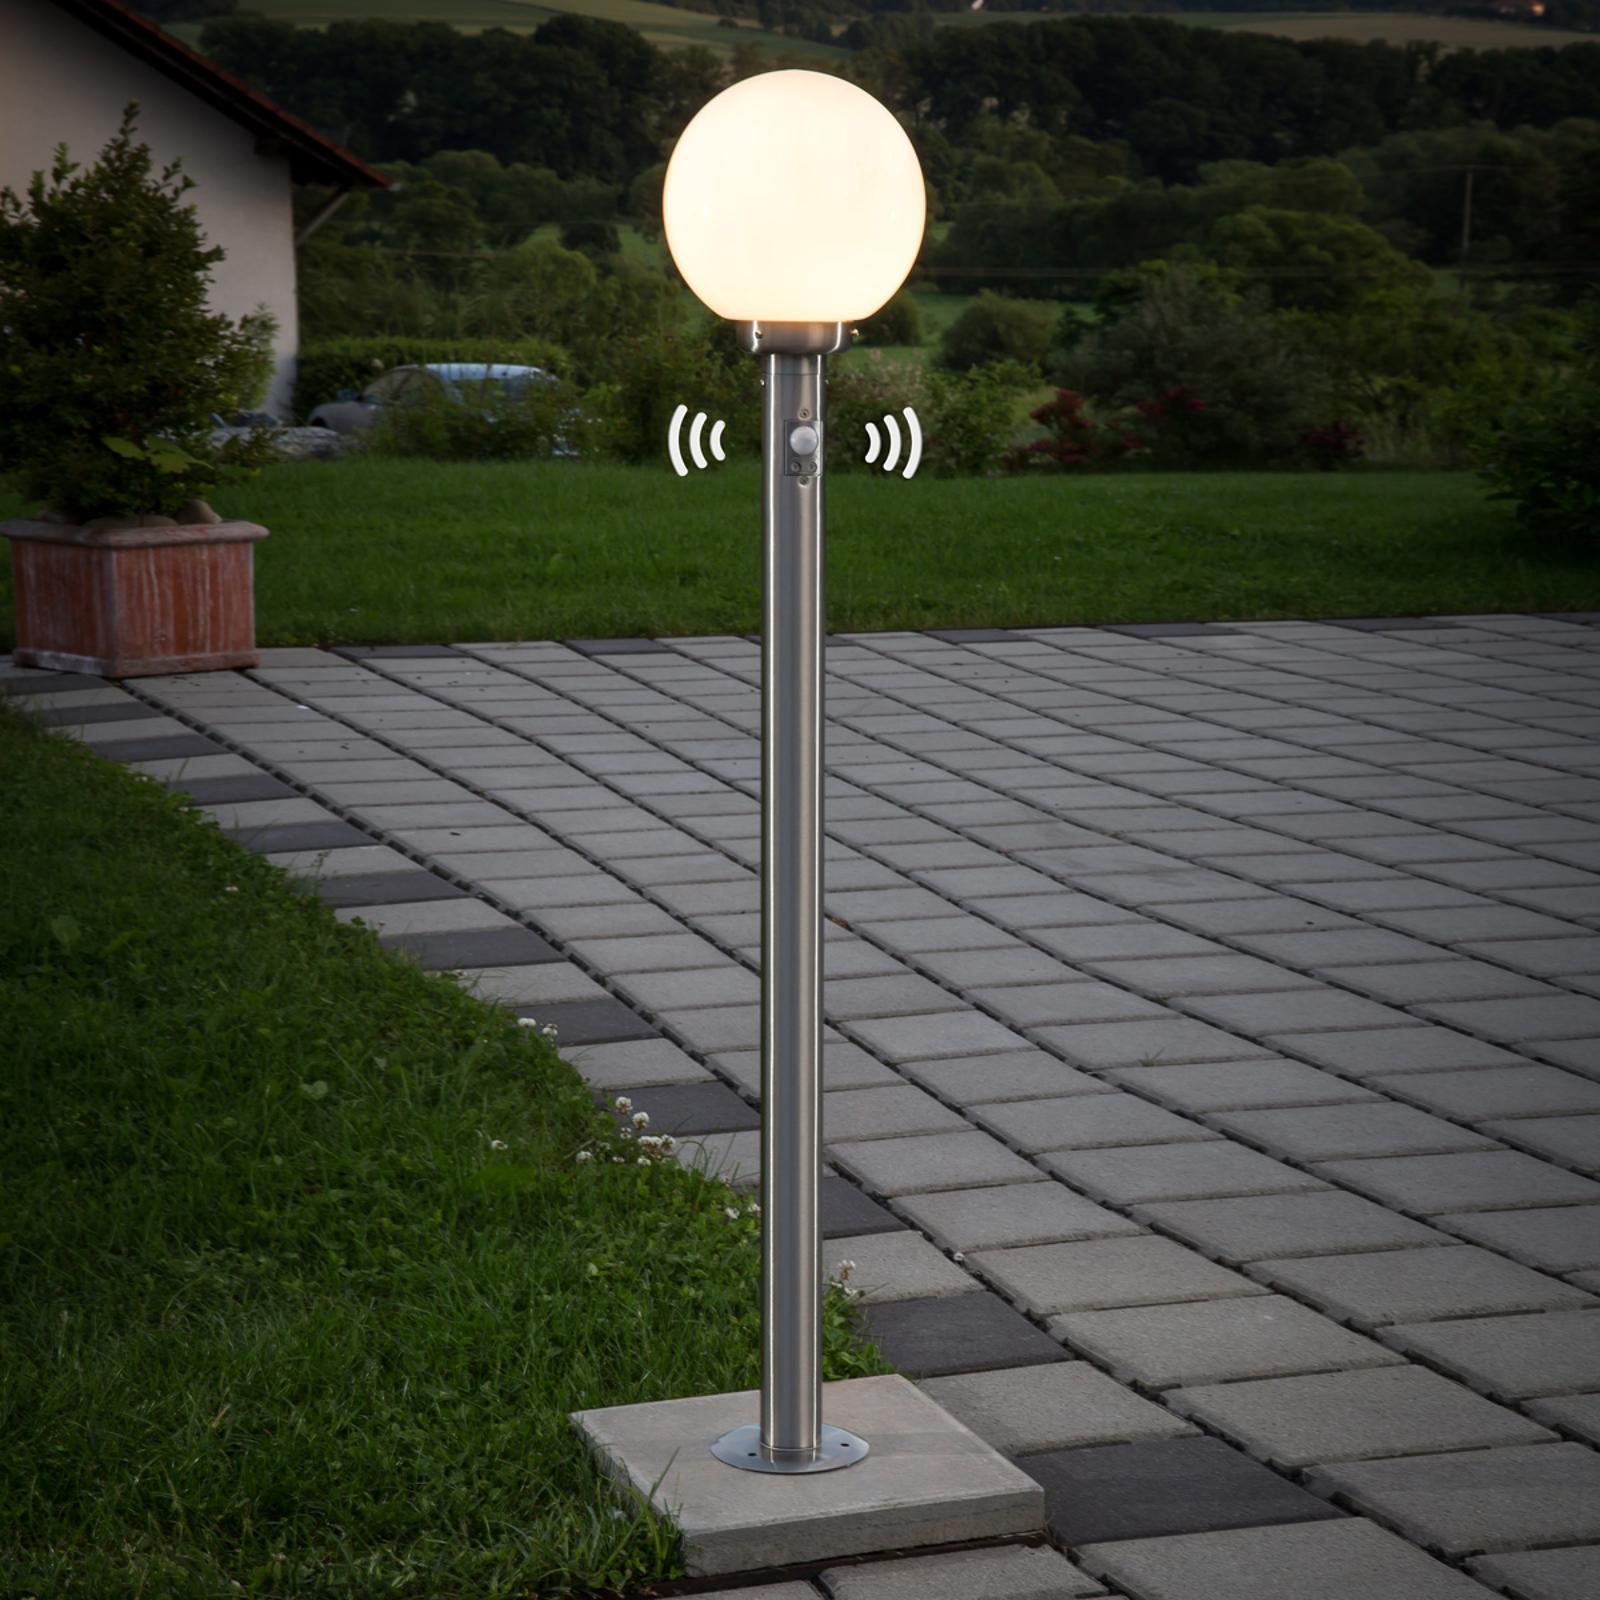 Lampioncino Vedran con globo e sensore